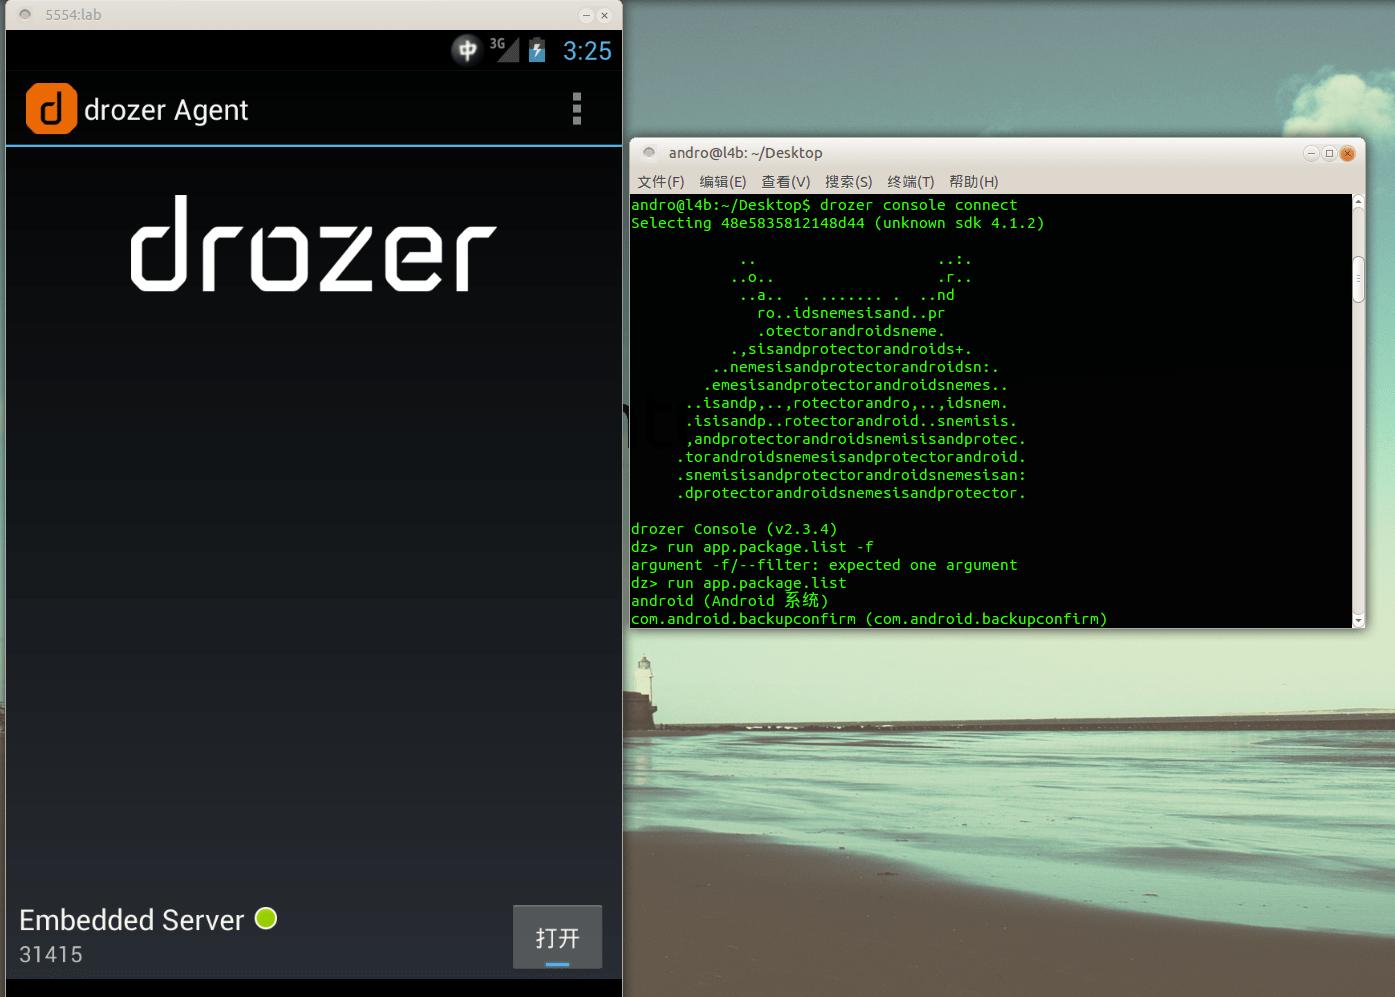 使用Androl4b进行安卓APP安全测试(Part 1)